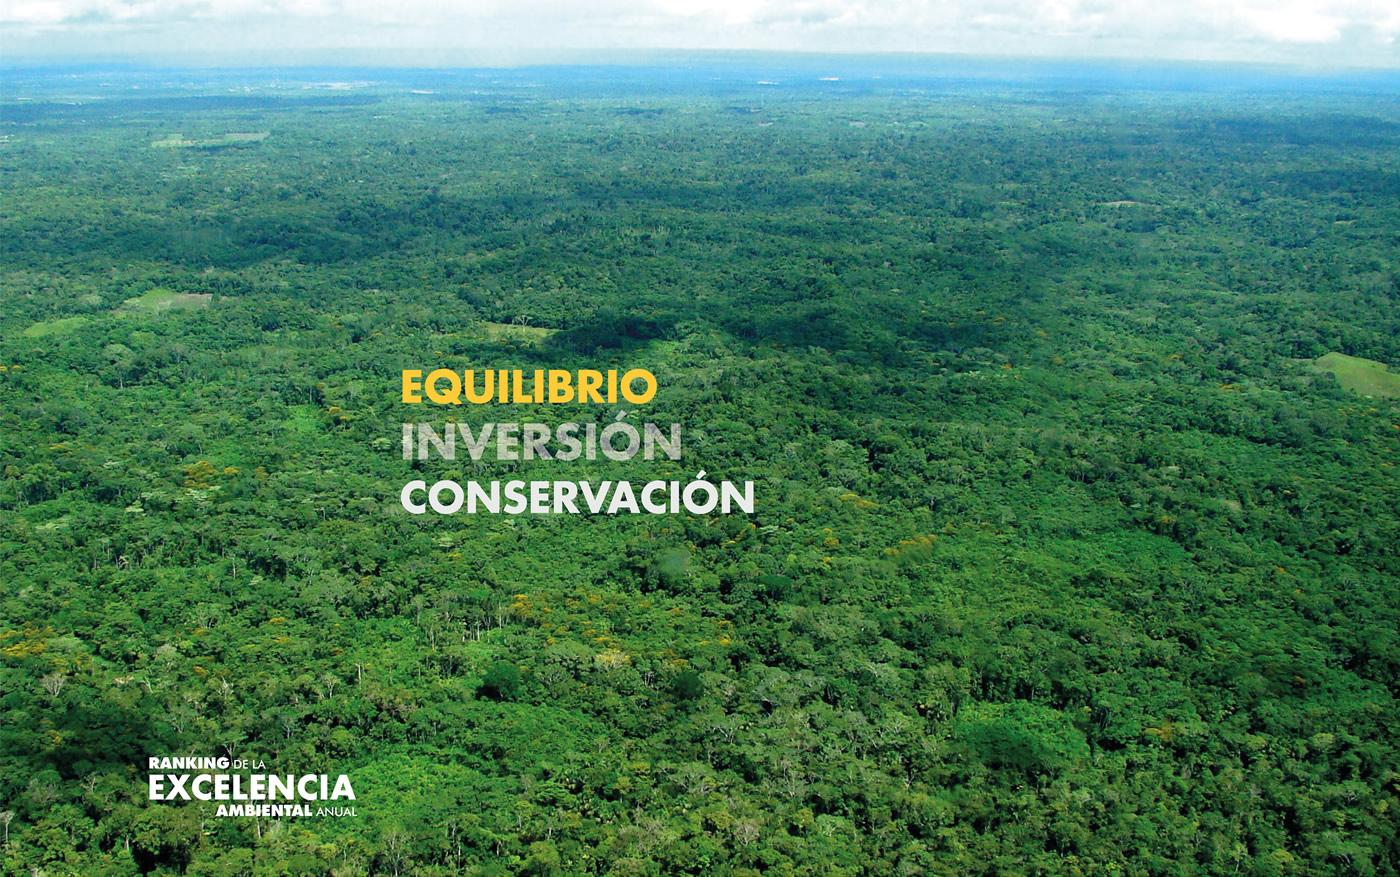 Equilibrio, inversión y conservación